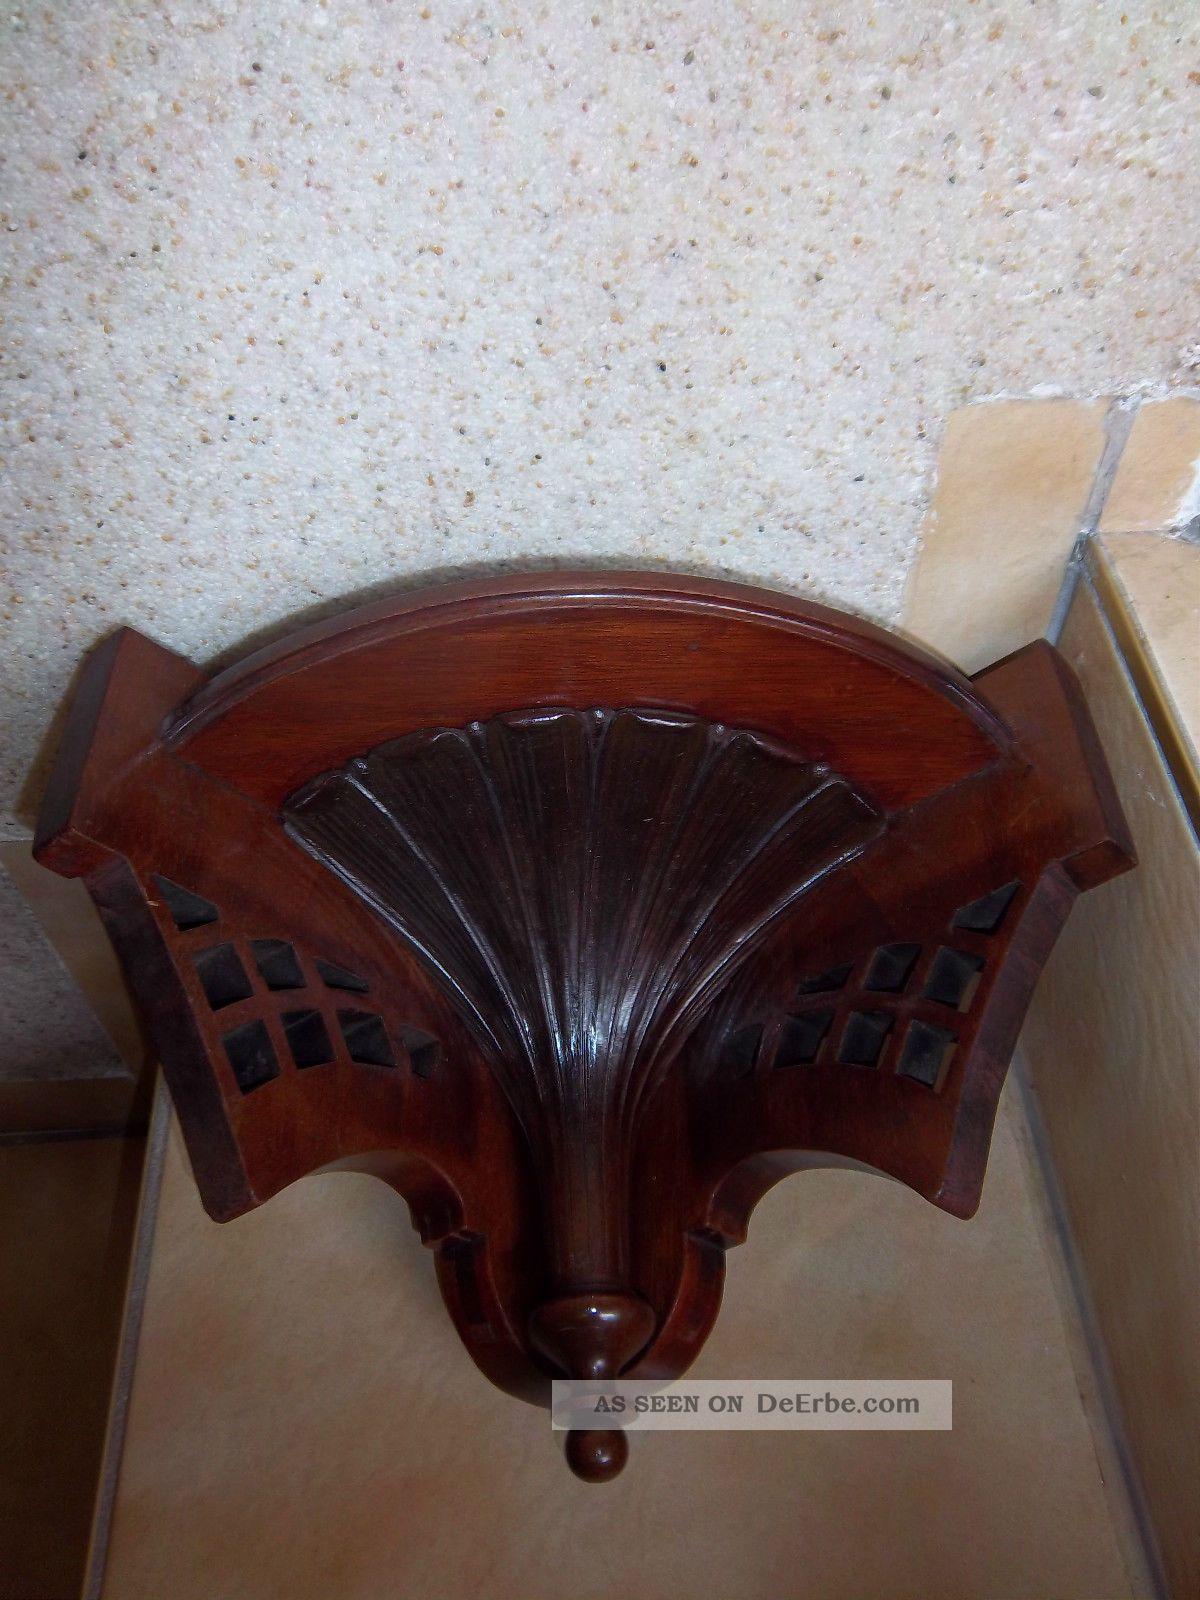 Wandkonsole Holz wandkonsole holz eckkonsole konsole wandbord holzkonsole